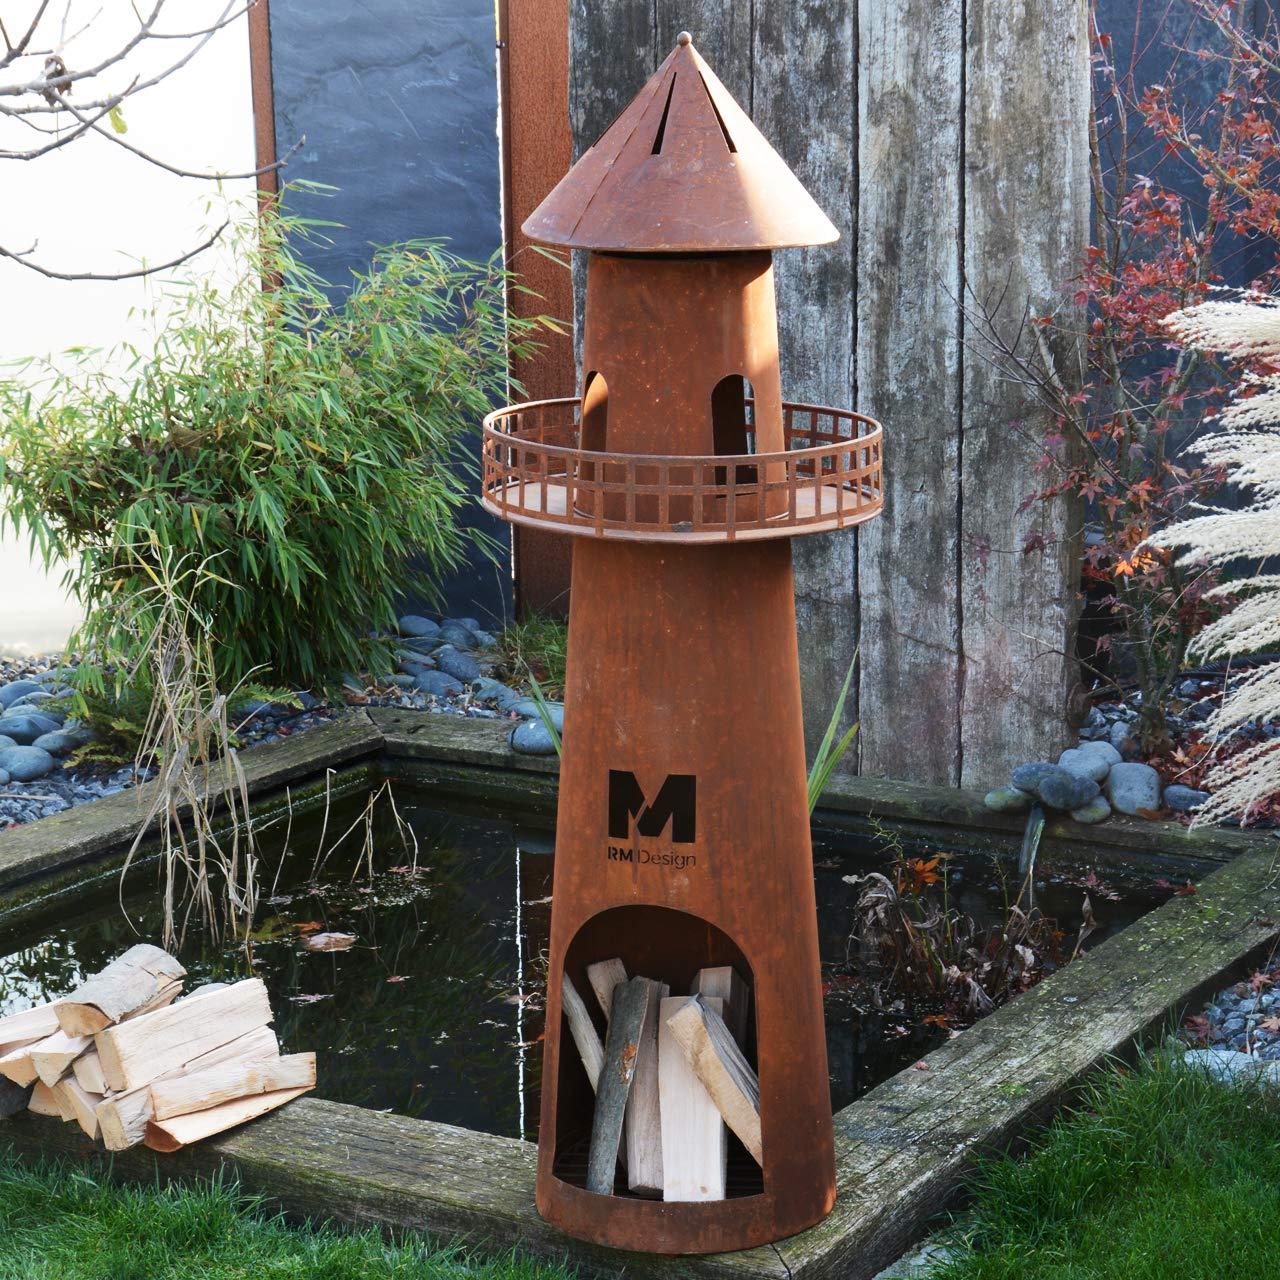 RM Diseño de Chimenea de jardín de Oxidado 131 cm de Altura/Chimenea como Hoguera o Cesta para el jardín: Amazon.es: Jardín